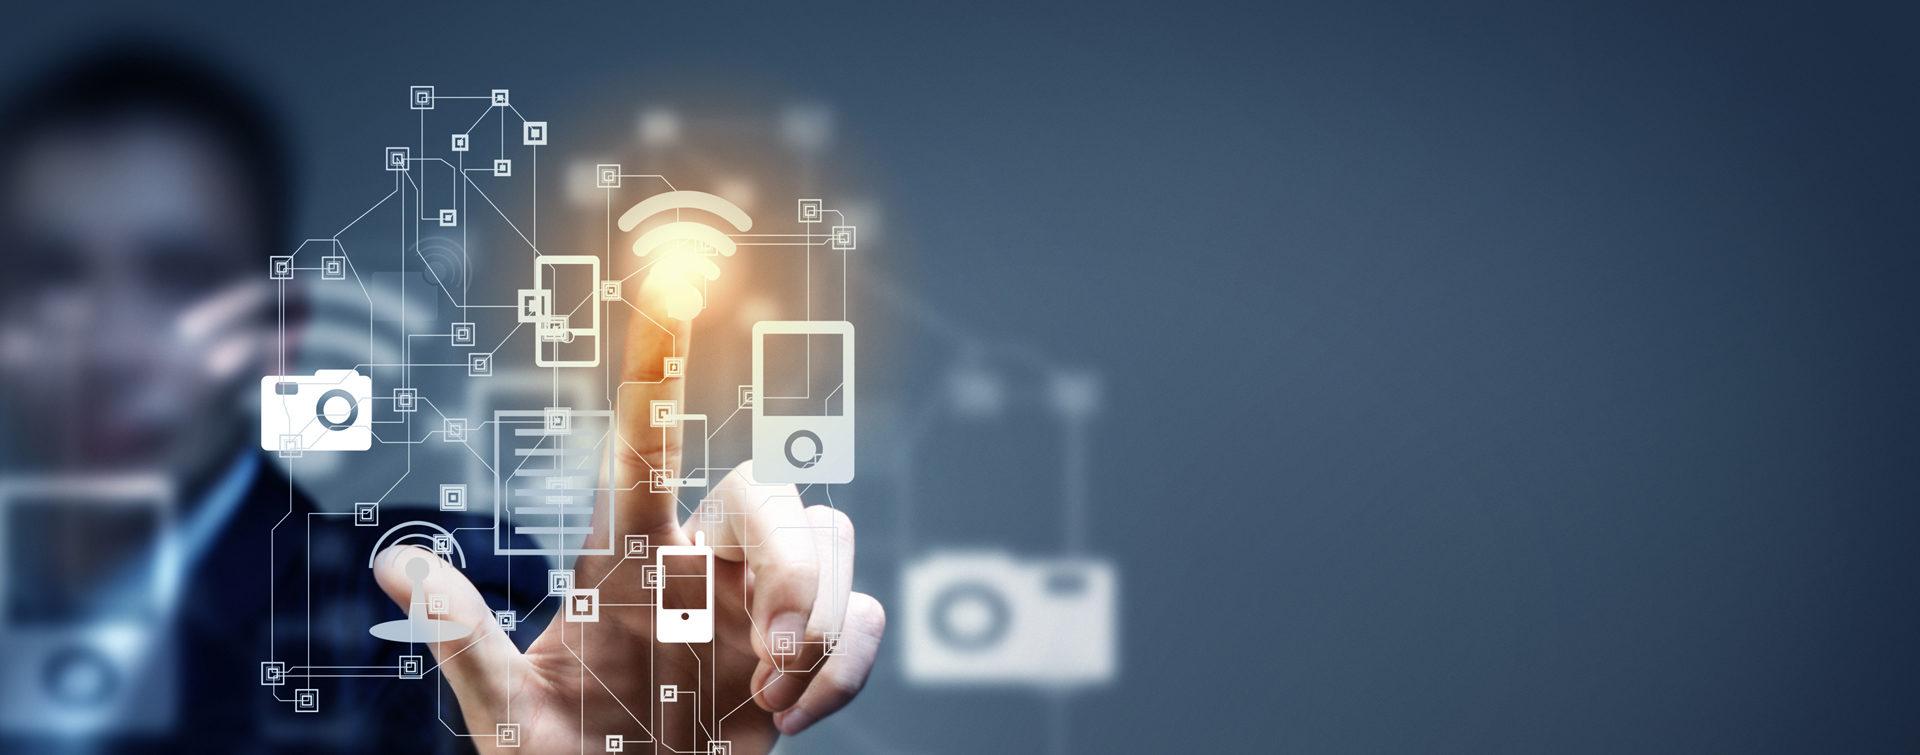 🖥💻 Formation des commerçants au numérique.